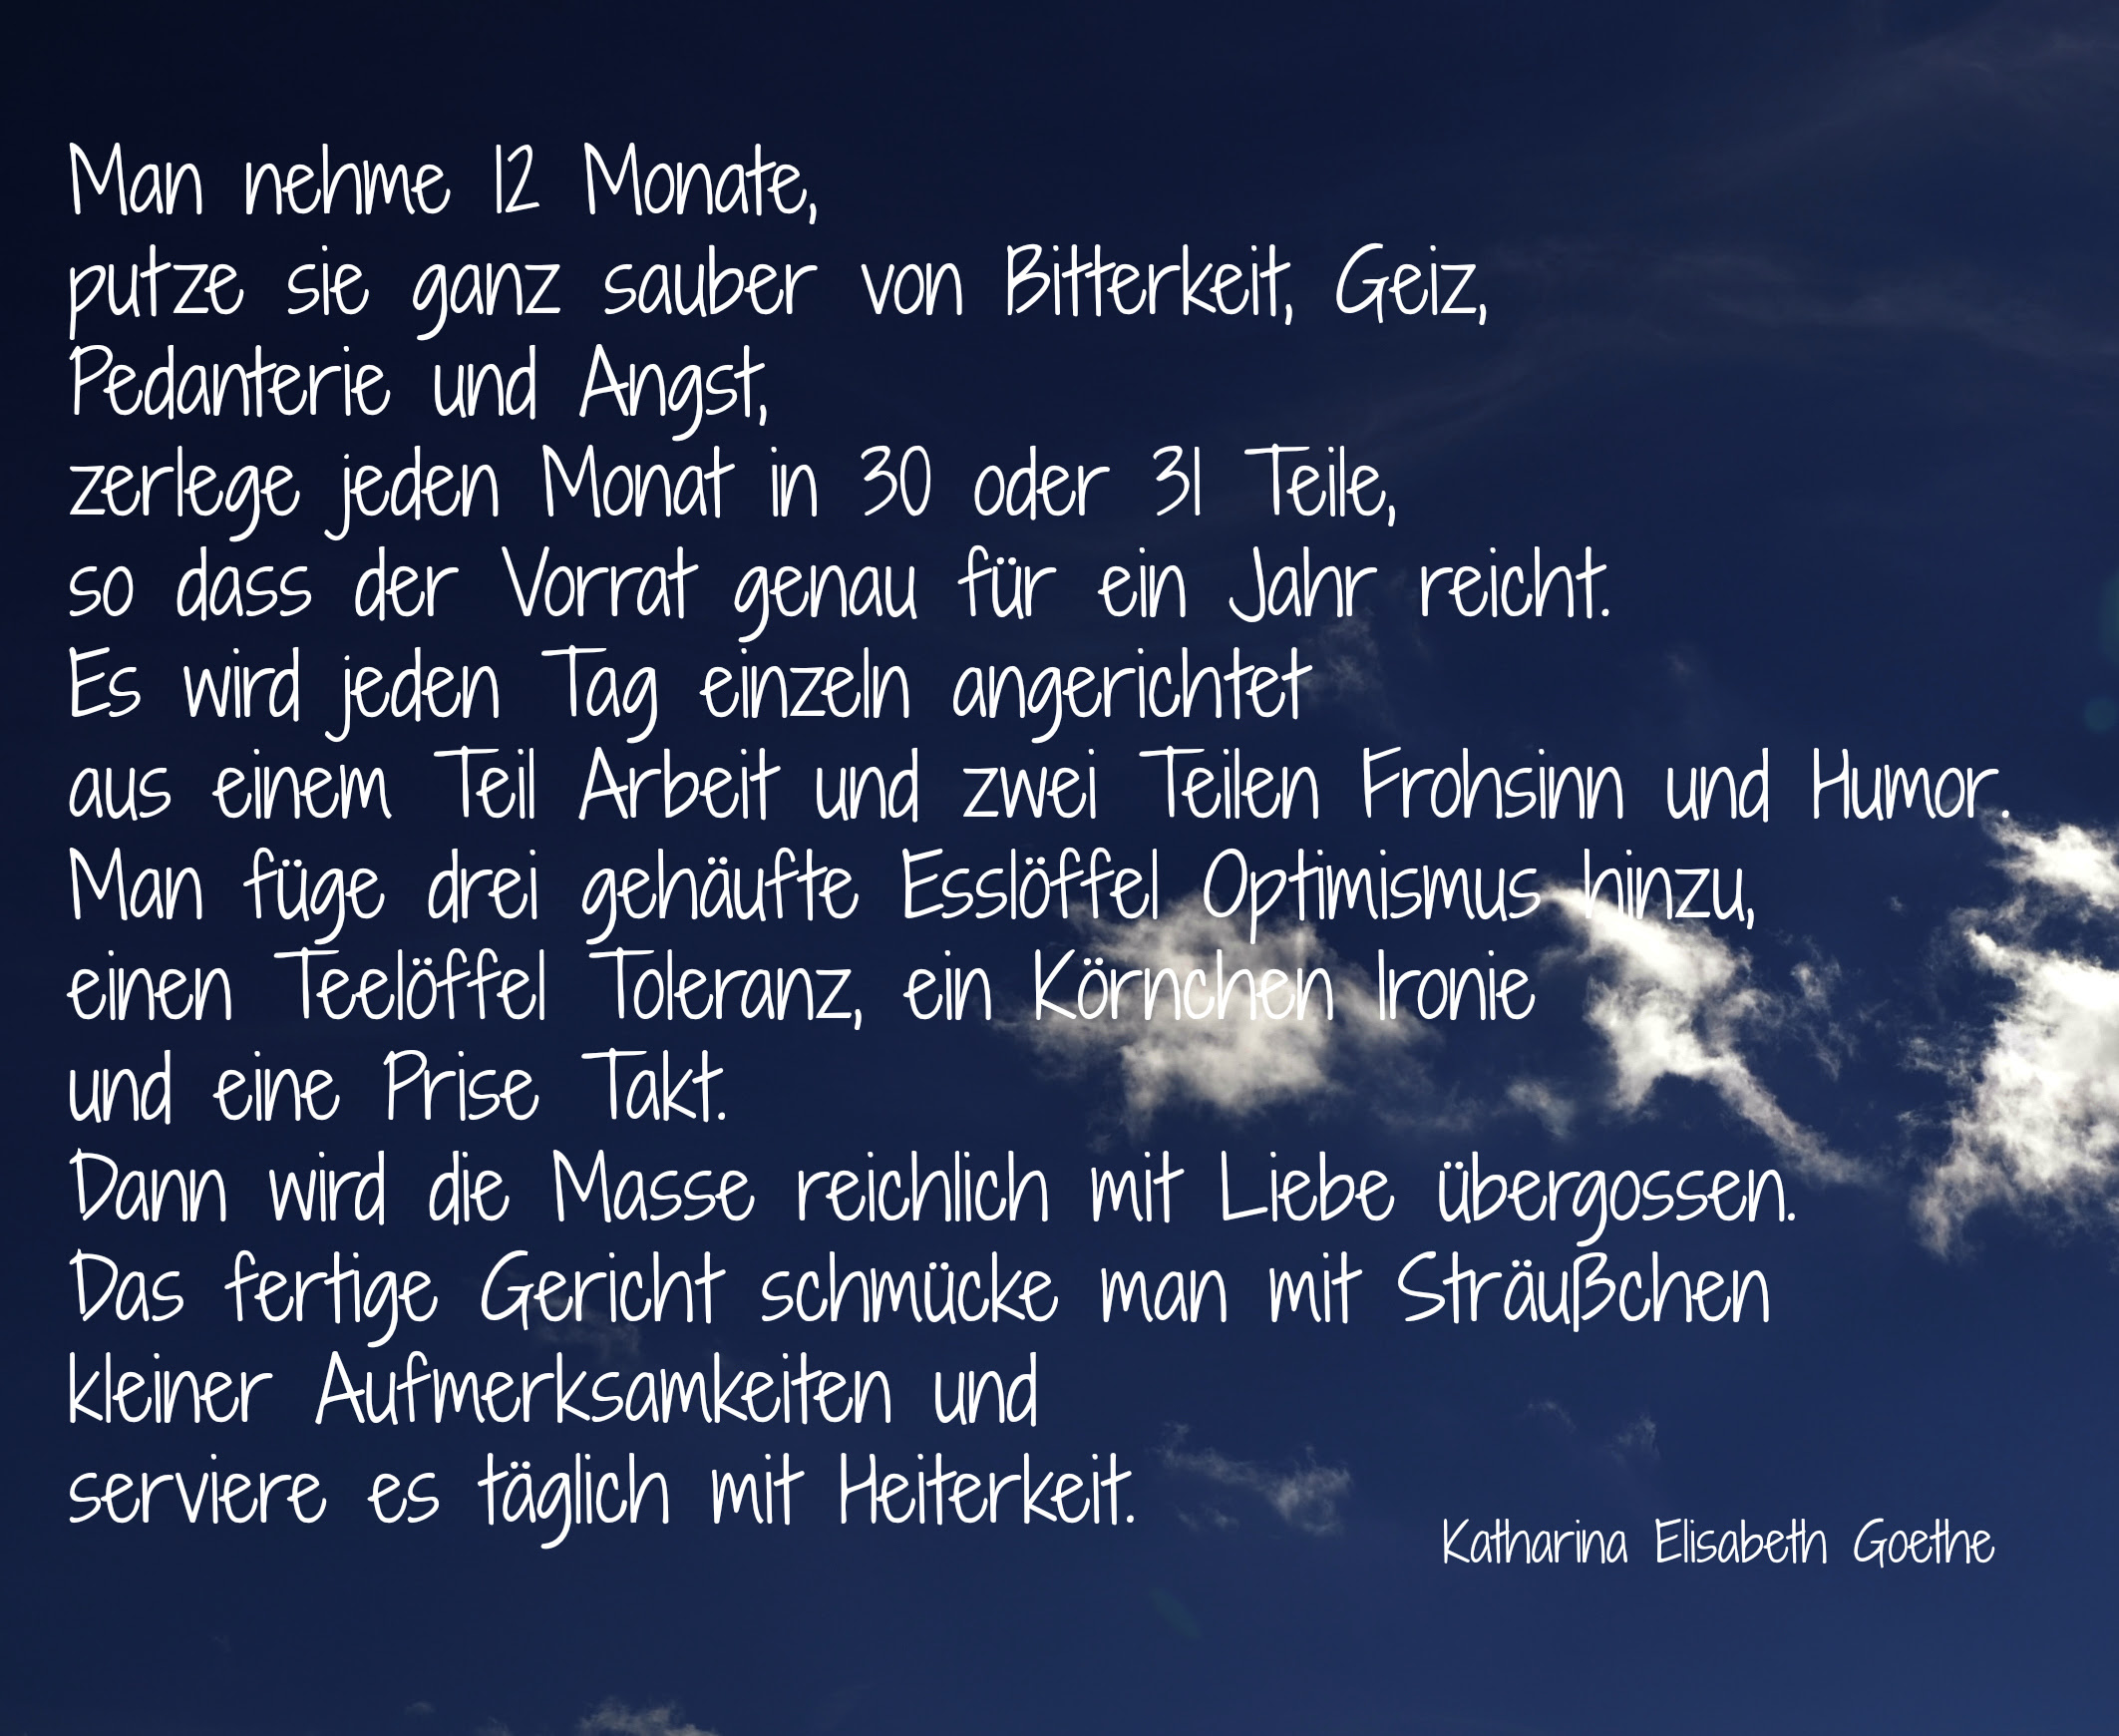 Goethe Zitate Neues Jahr Keltische Sprüche Weisheiten Zitate